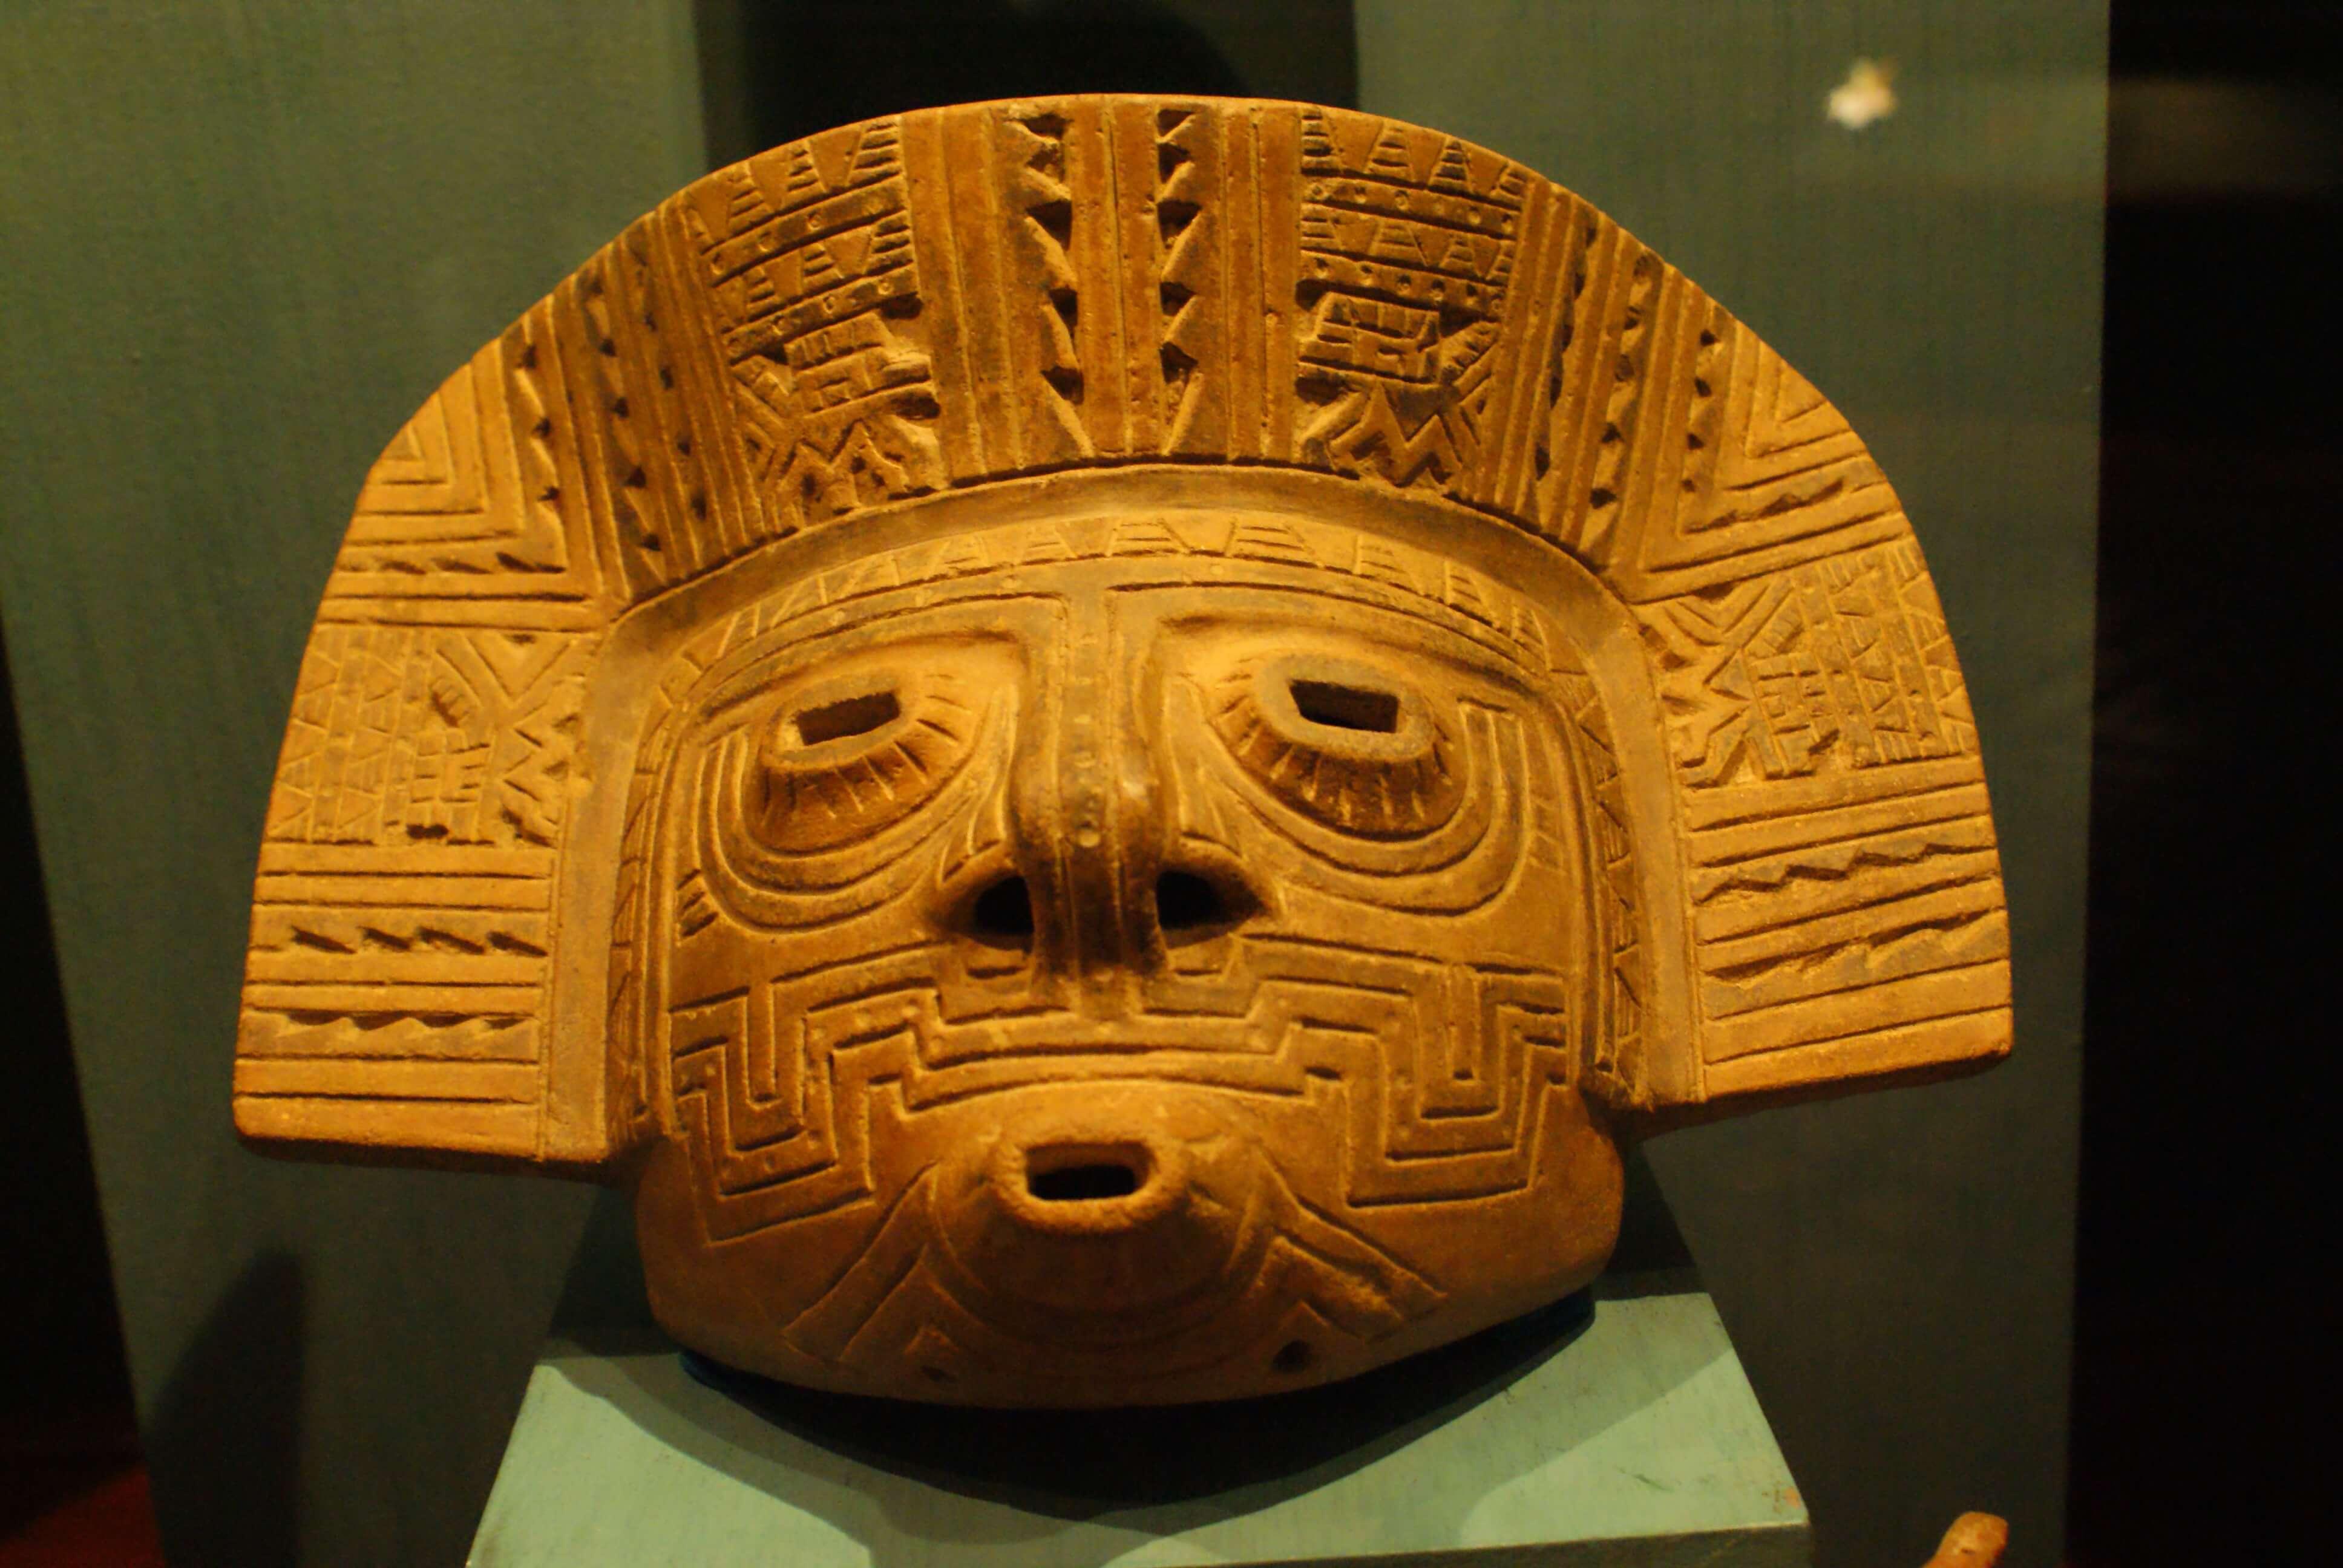 galeria-multimedia/vista-interior-museo-arqueologico--calima